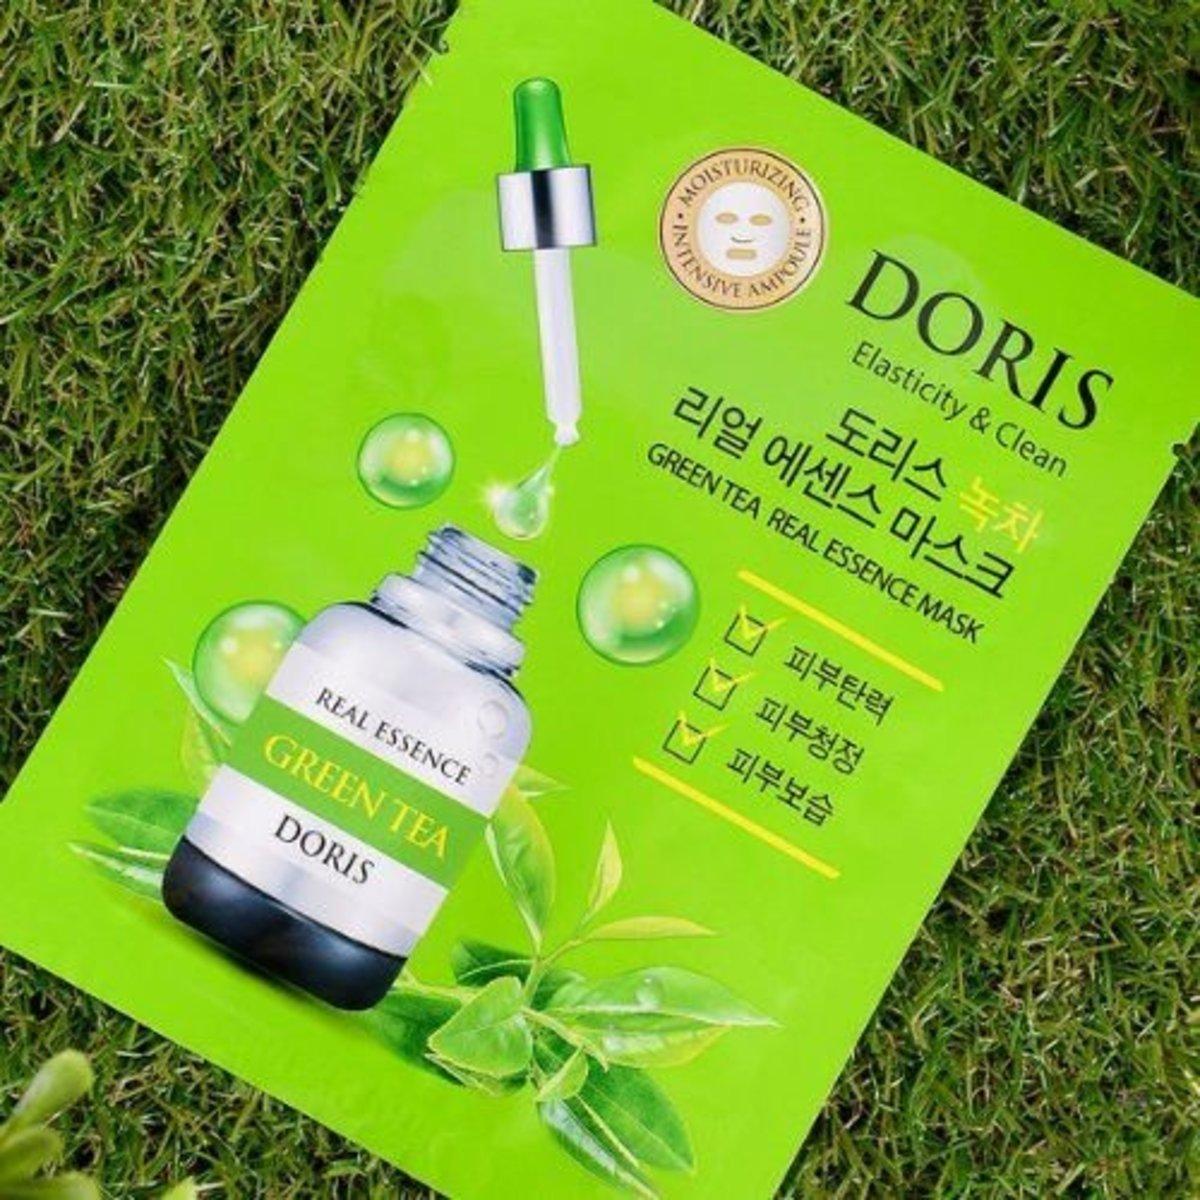 Doris 精華面膜10片 - 綠茶   [平行進口產品]